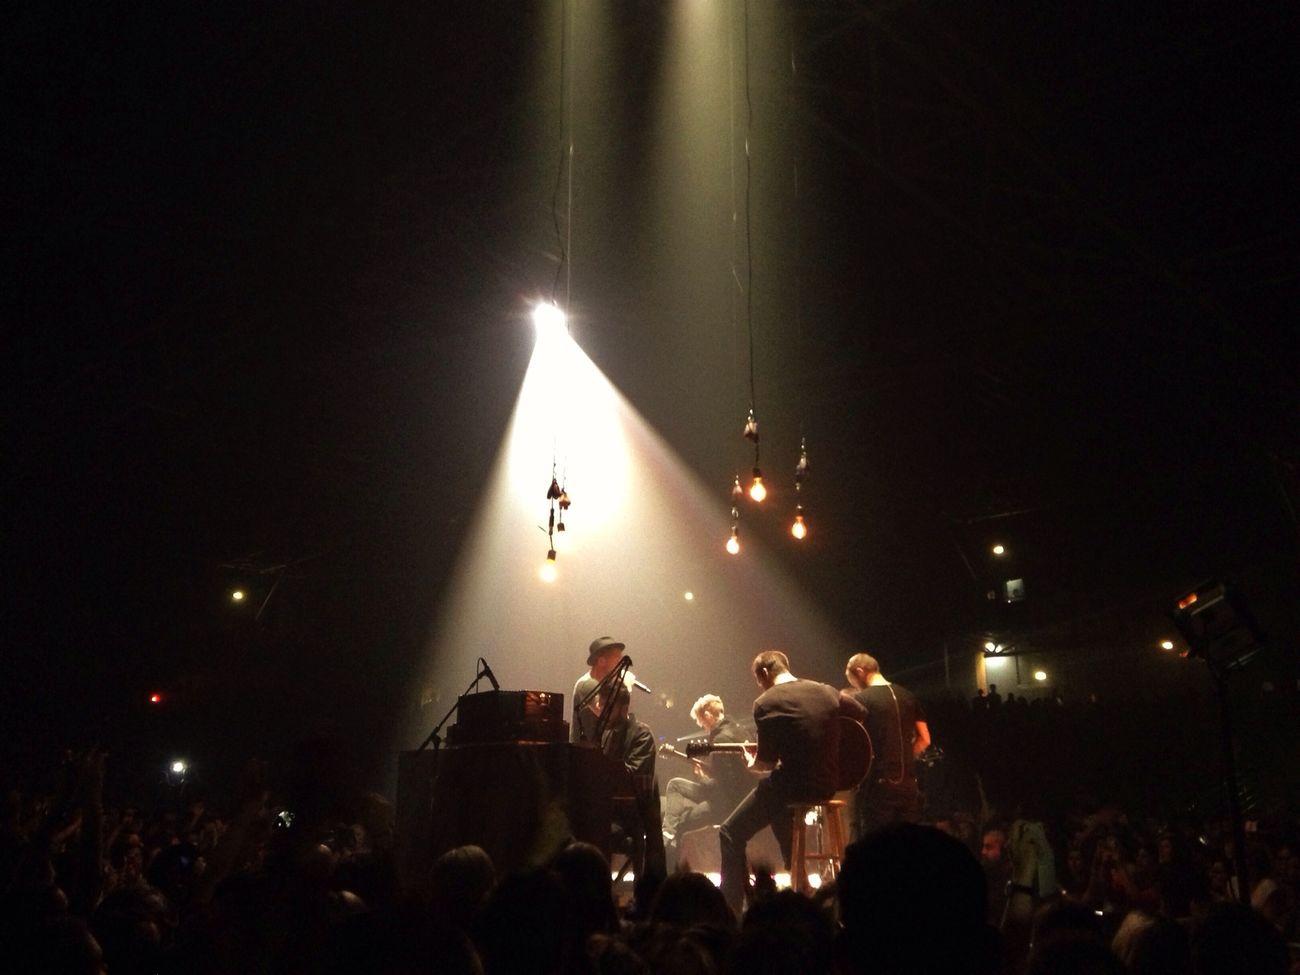 OneRepublic à Paris le 24 oct 2014 Paris Concert Onerepublic